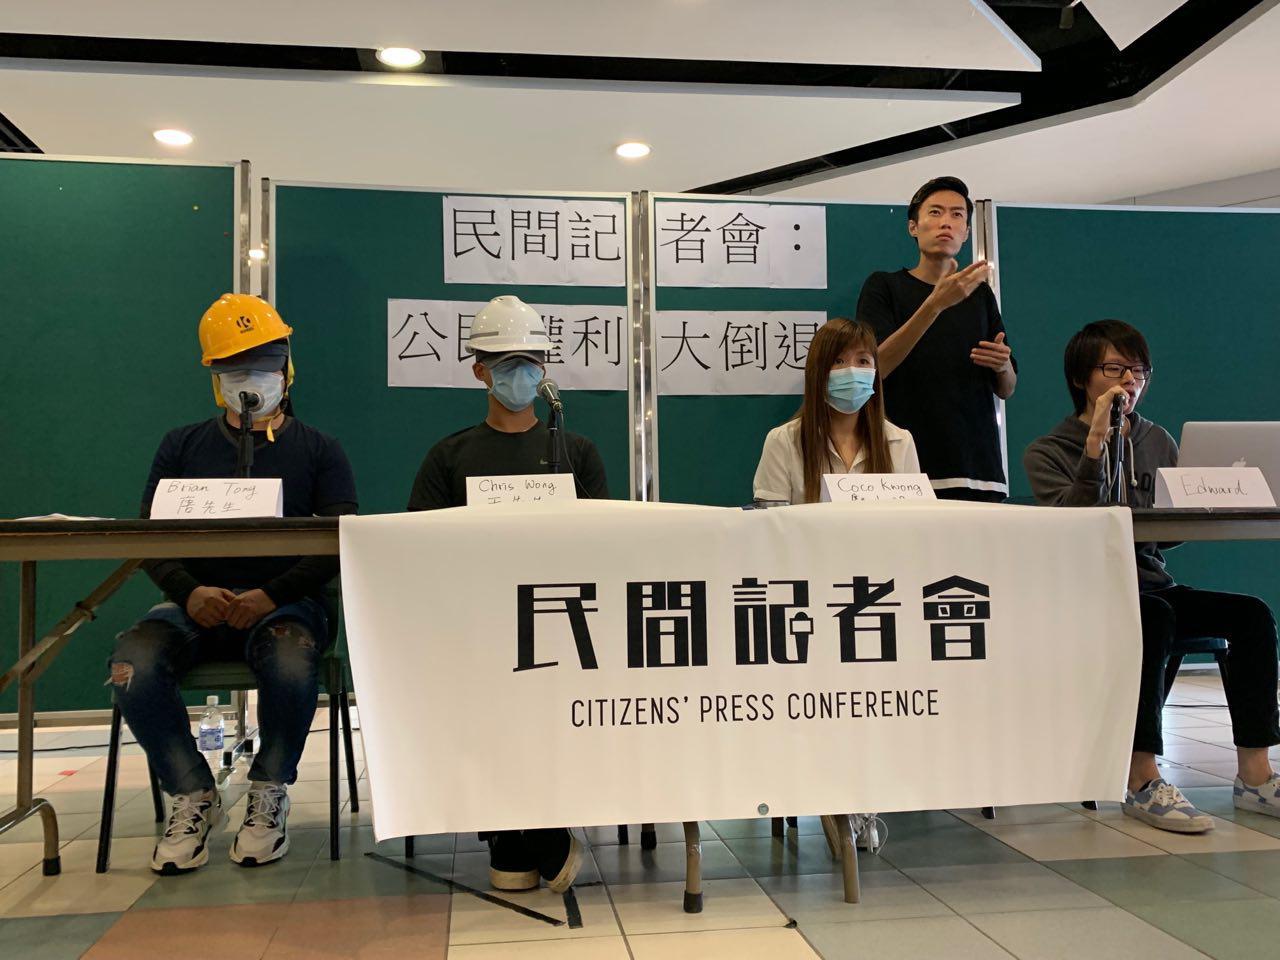 香港民間反送中第五次記者會。(駱亞/大紀元)